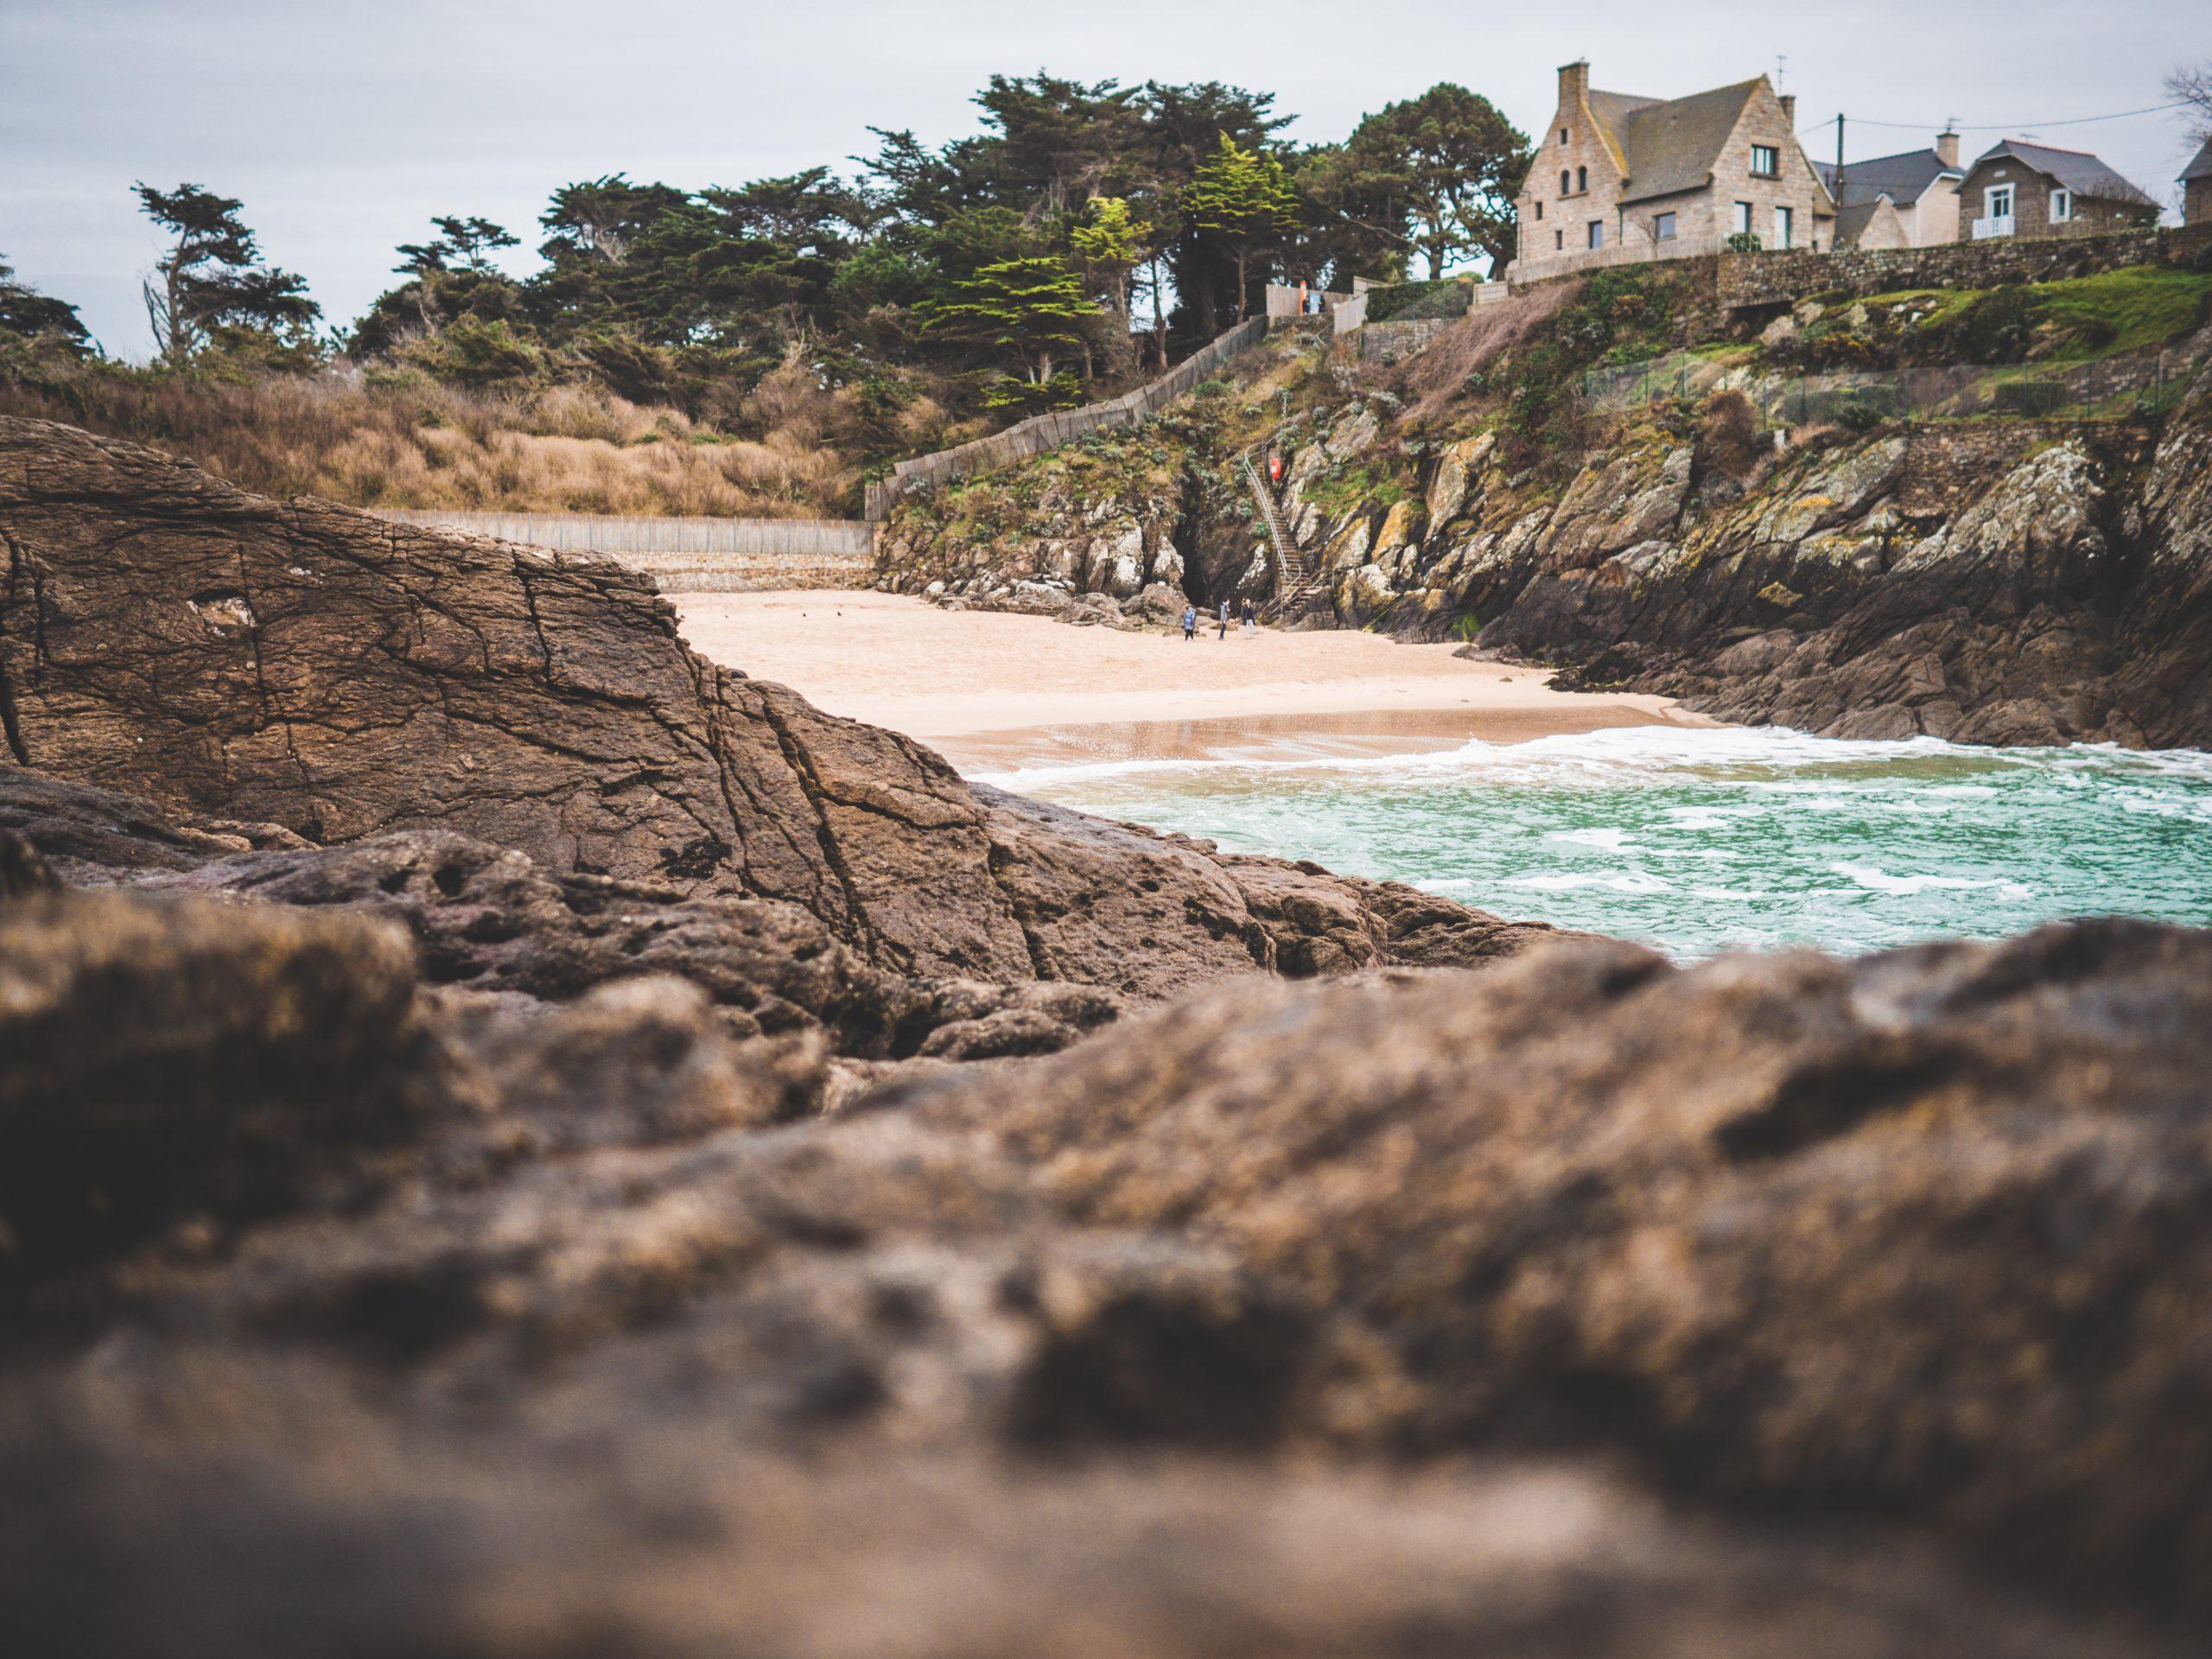 Plage du Nicet près de Saint-Malo depuis les rochers